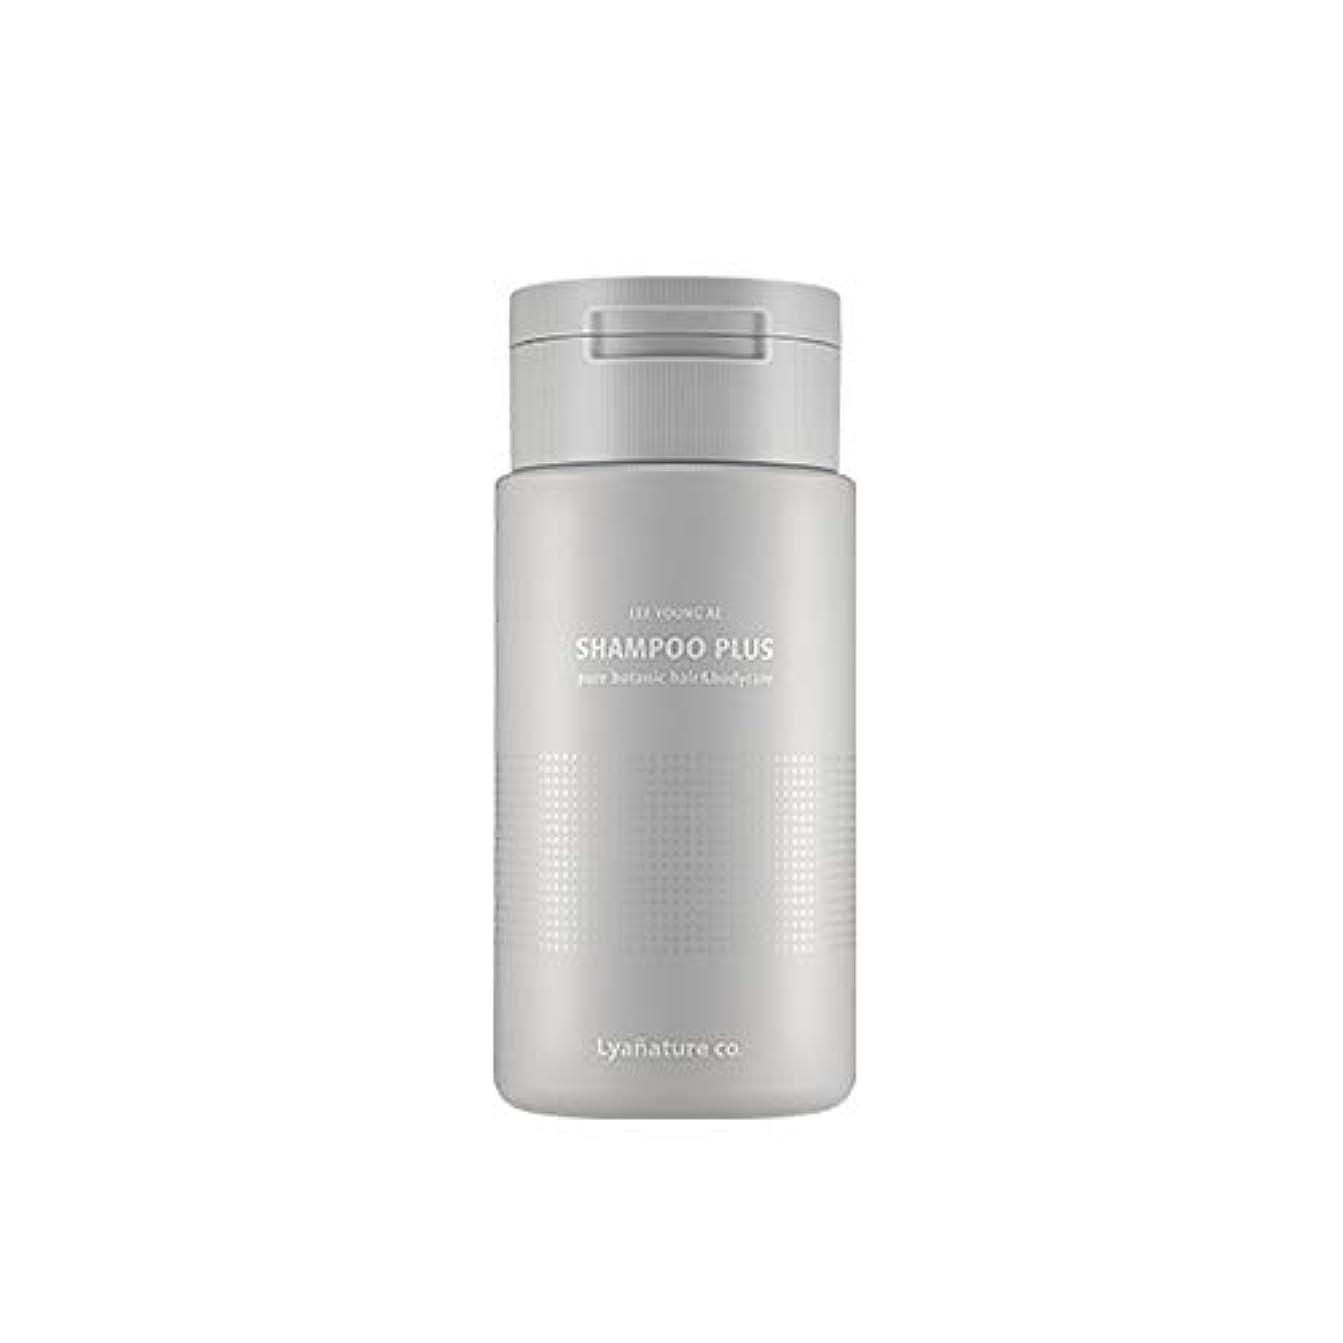 百年シンクガレージ[リアネイチャー]Lyanature シャンプープラス 300g 海外直送品 Shampoo Plus [並行輸入品]